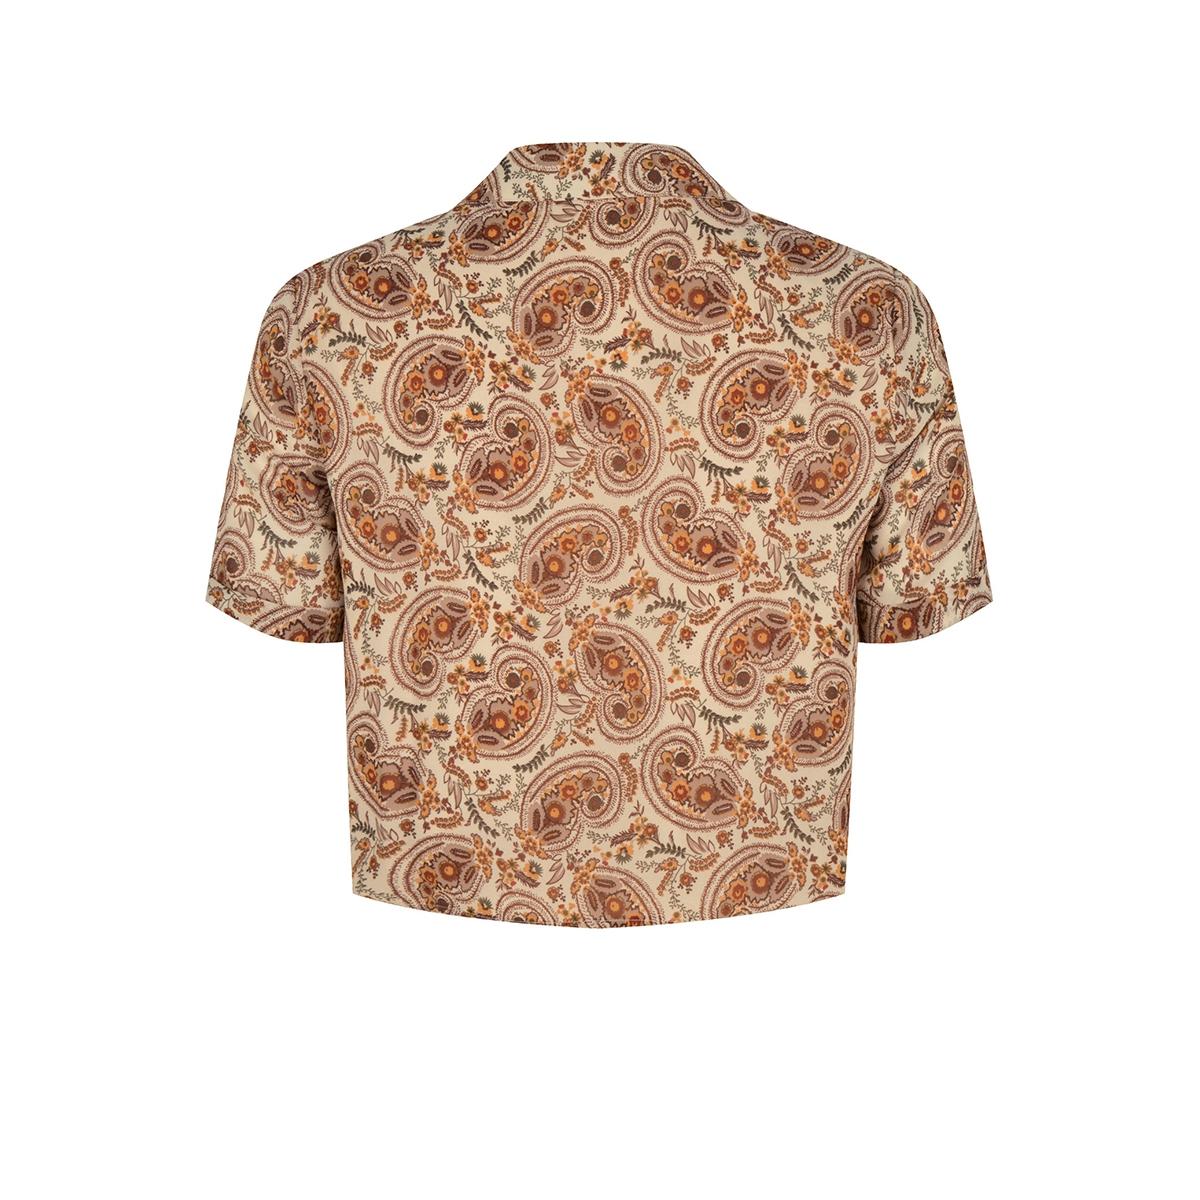 olivia blouse met knoop onderin ydence blouse paisley print